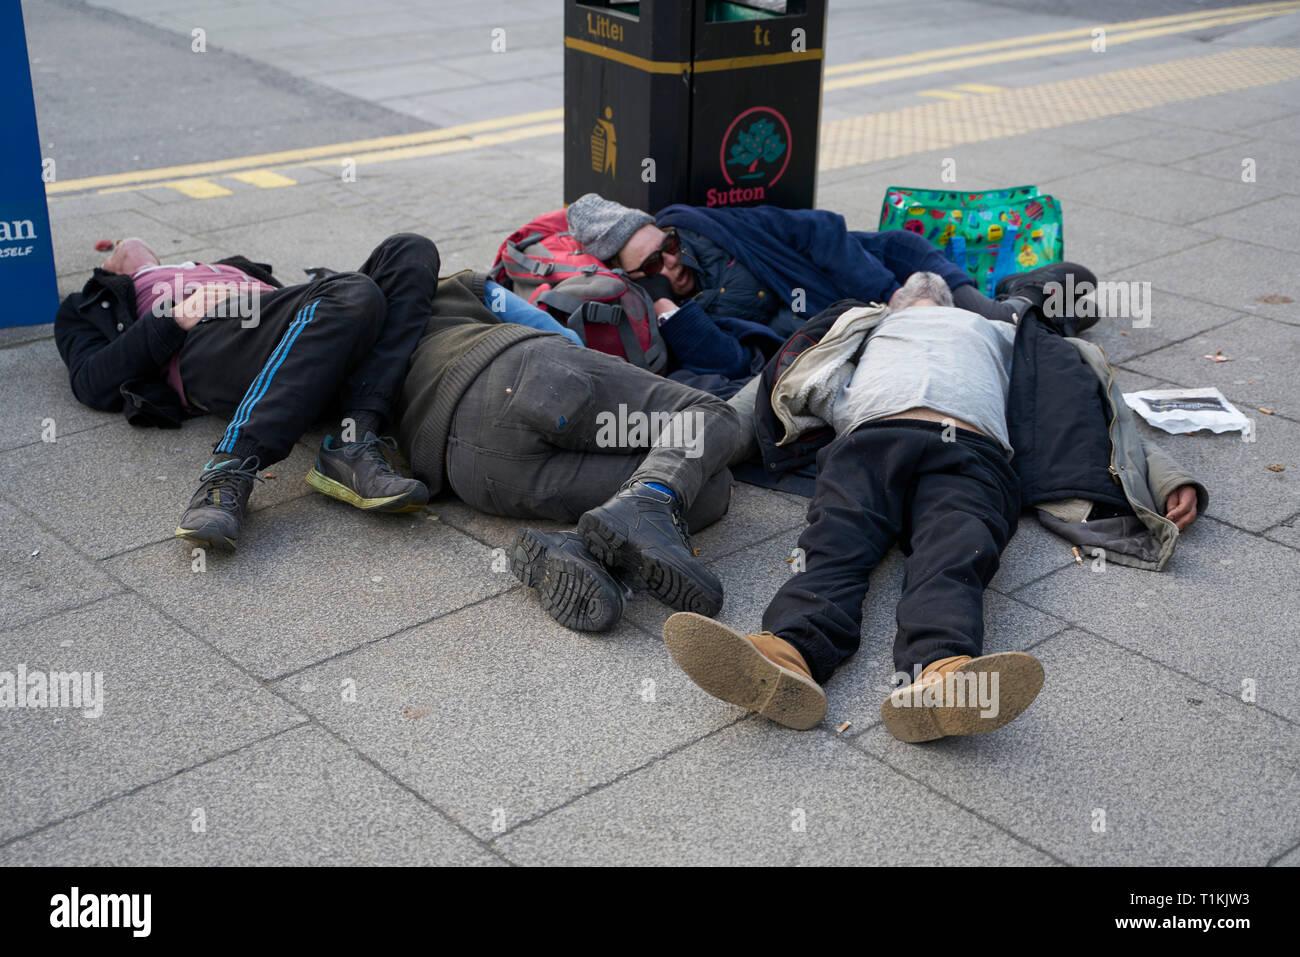 Gente Sin Techo Durmiendo En La Calle Fotografía De Stock Alamy